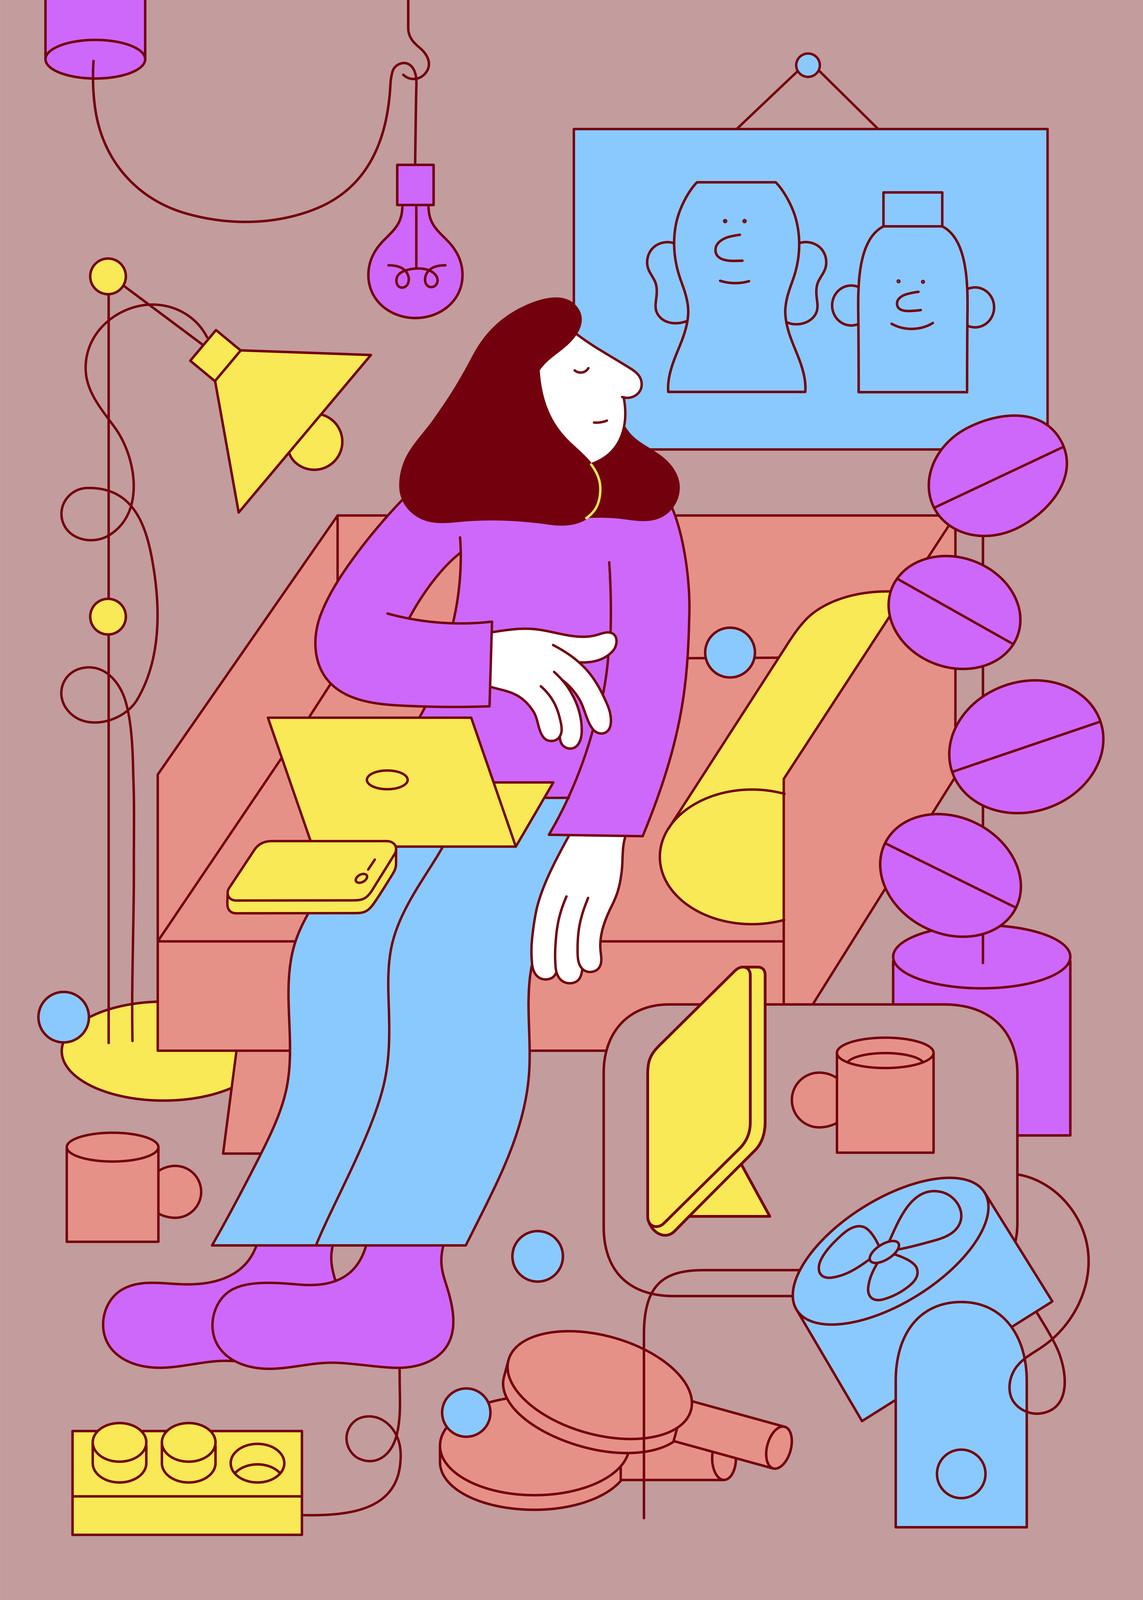 fallani venezia Martina Paukova Spazi Armchair and me 2020 serigrafia su carta Fedrigroni 300 gr 70x50 cm